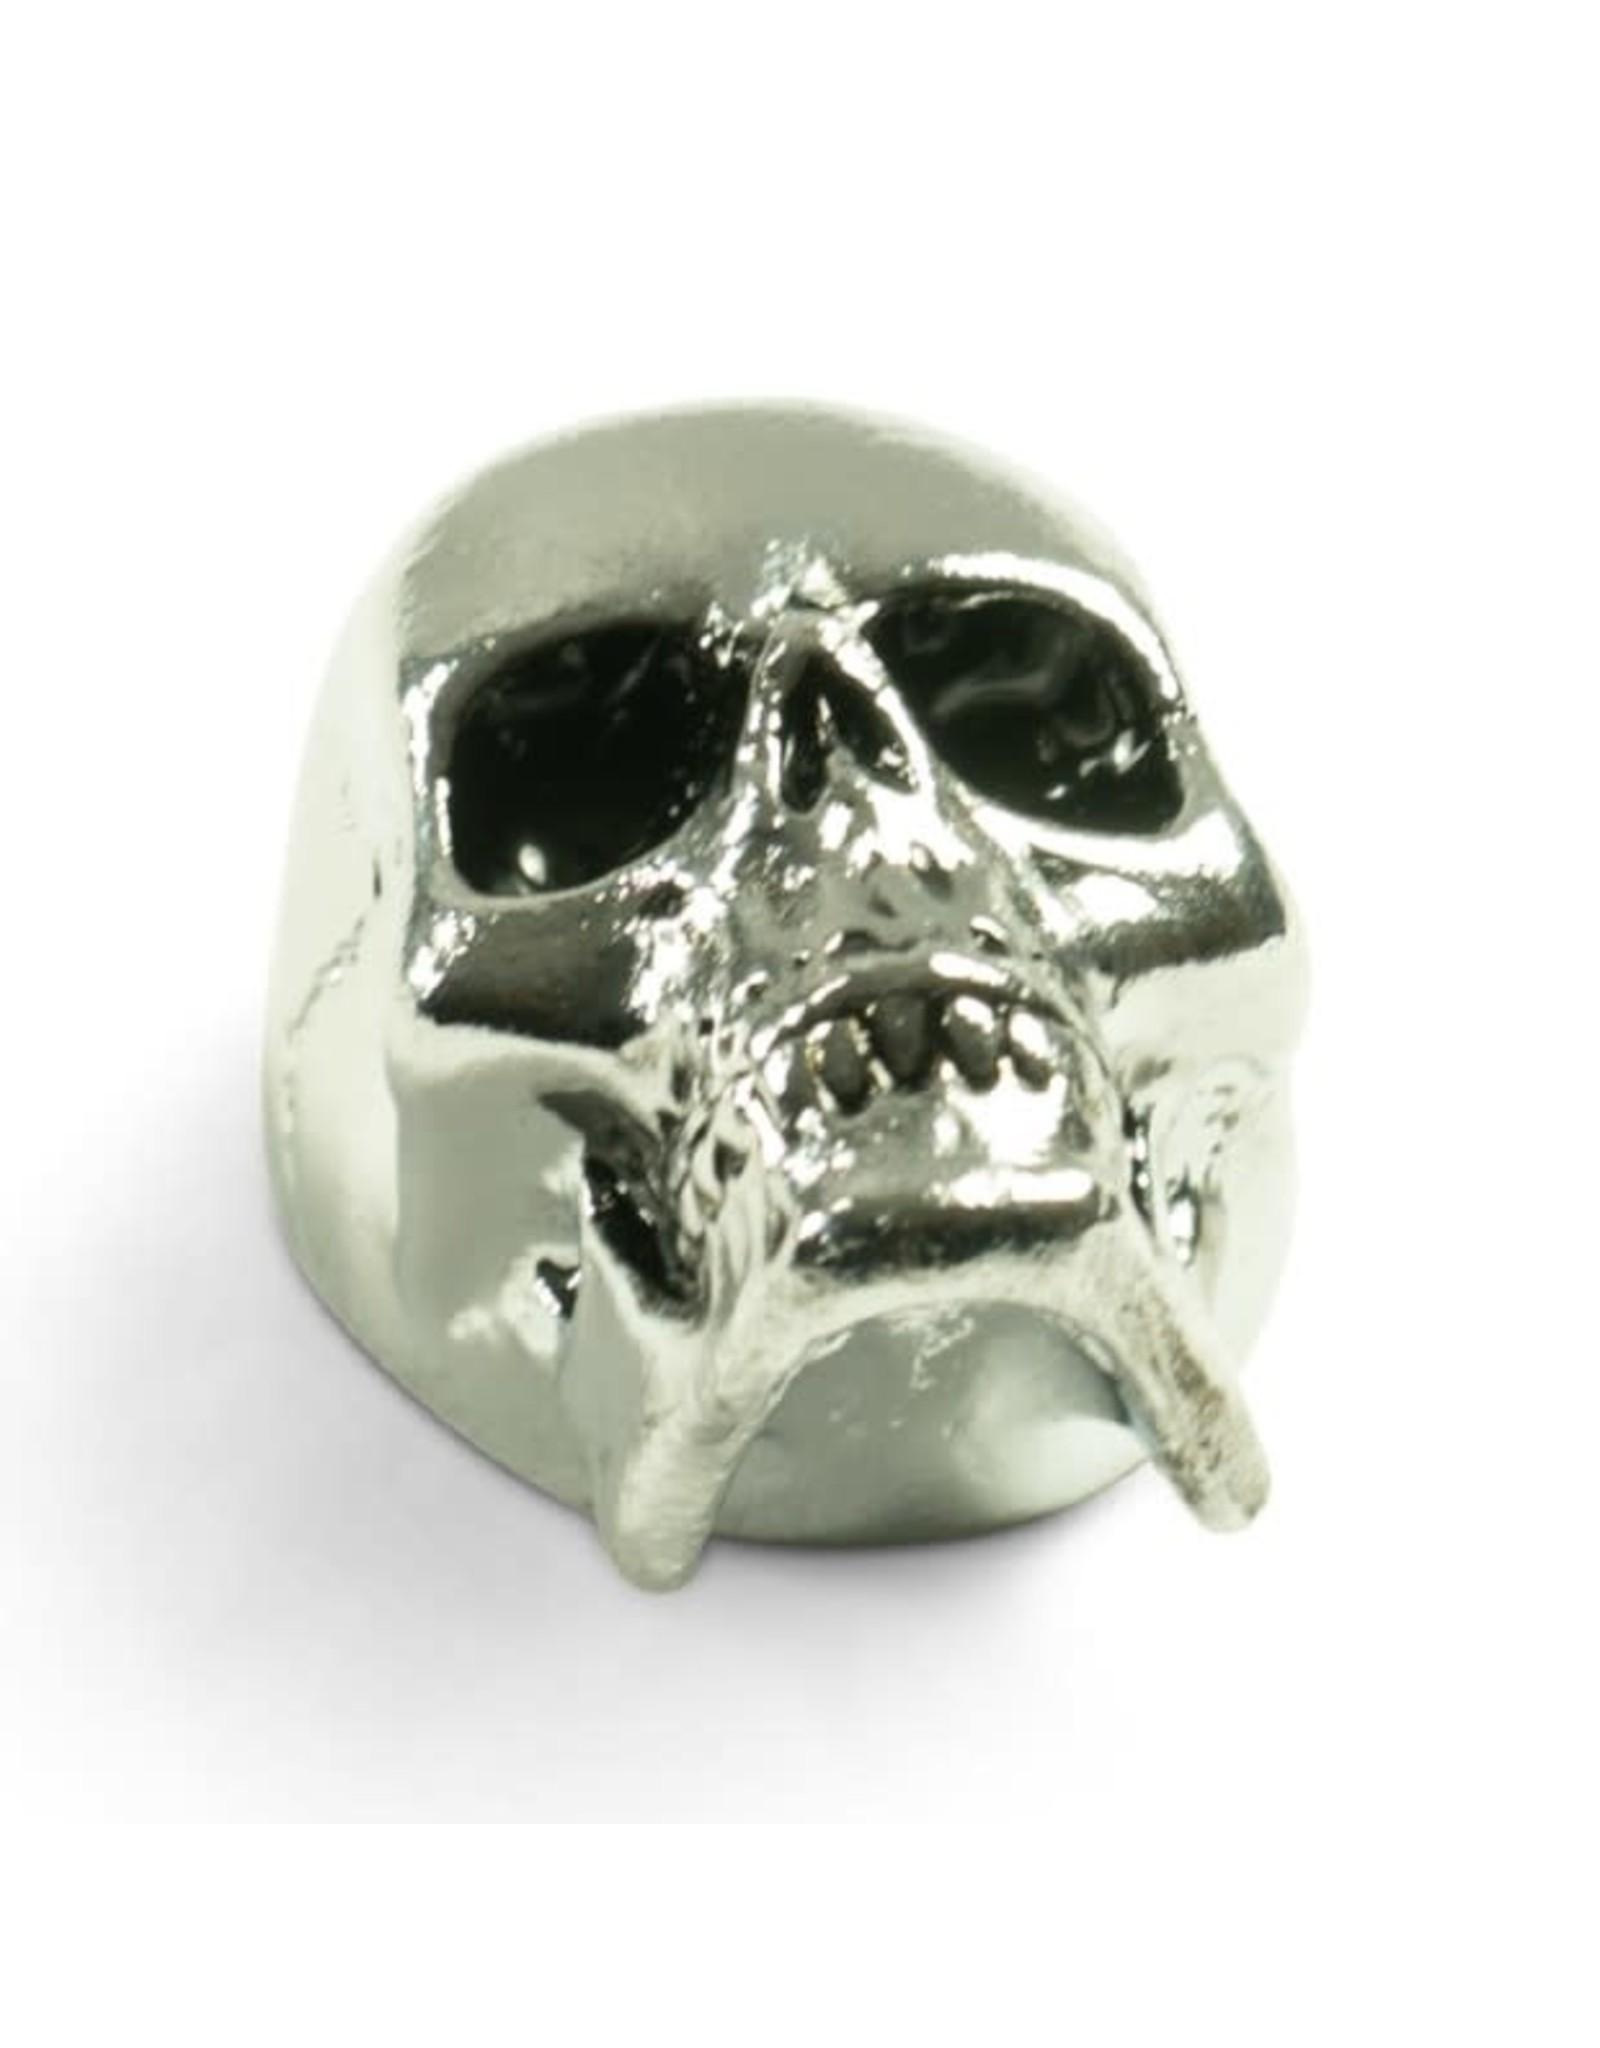 Q-Parts Q-Parts Jumbo Skull Knob II Chrome